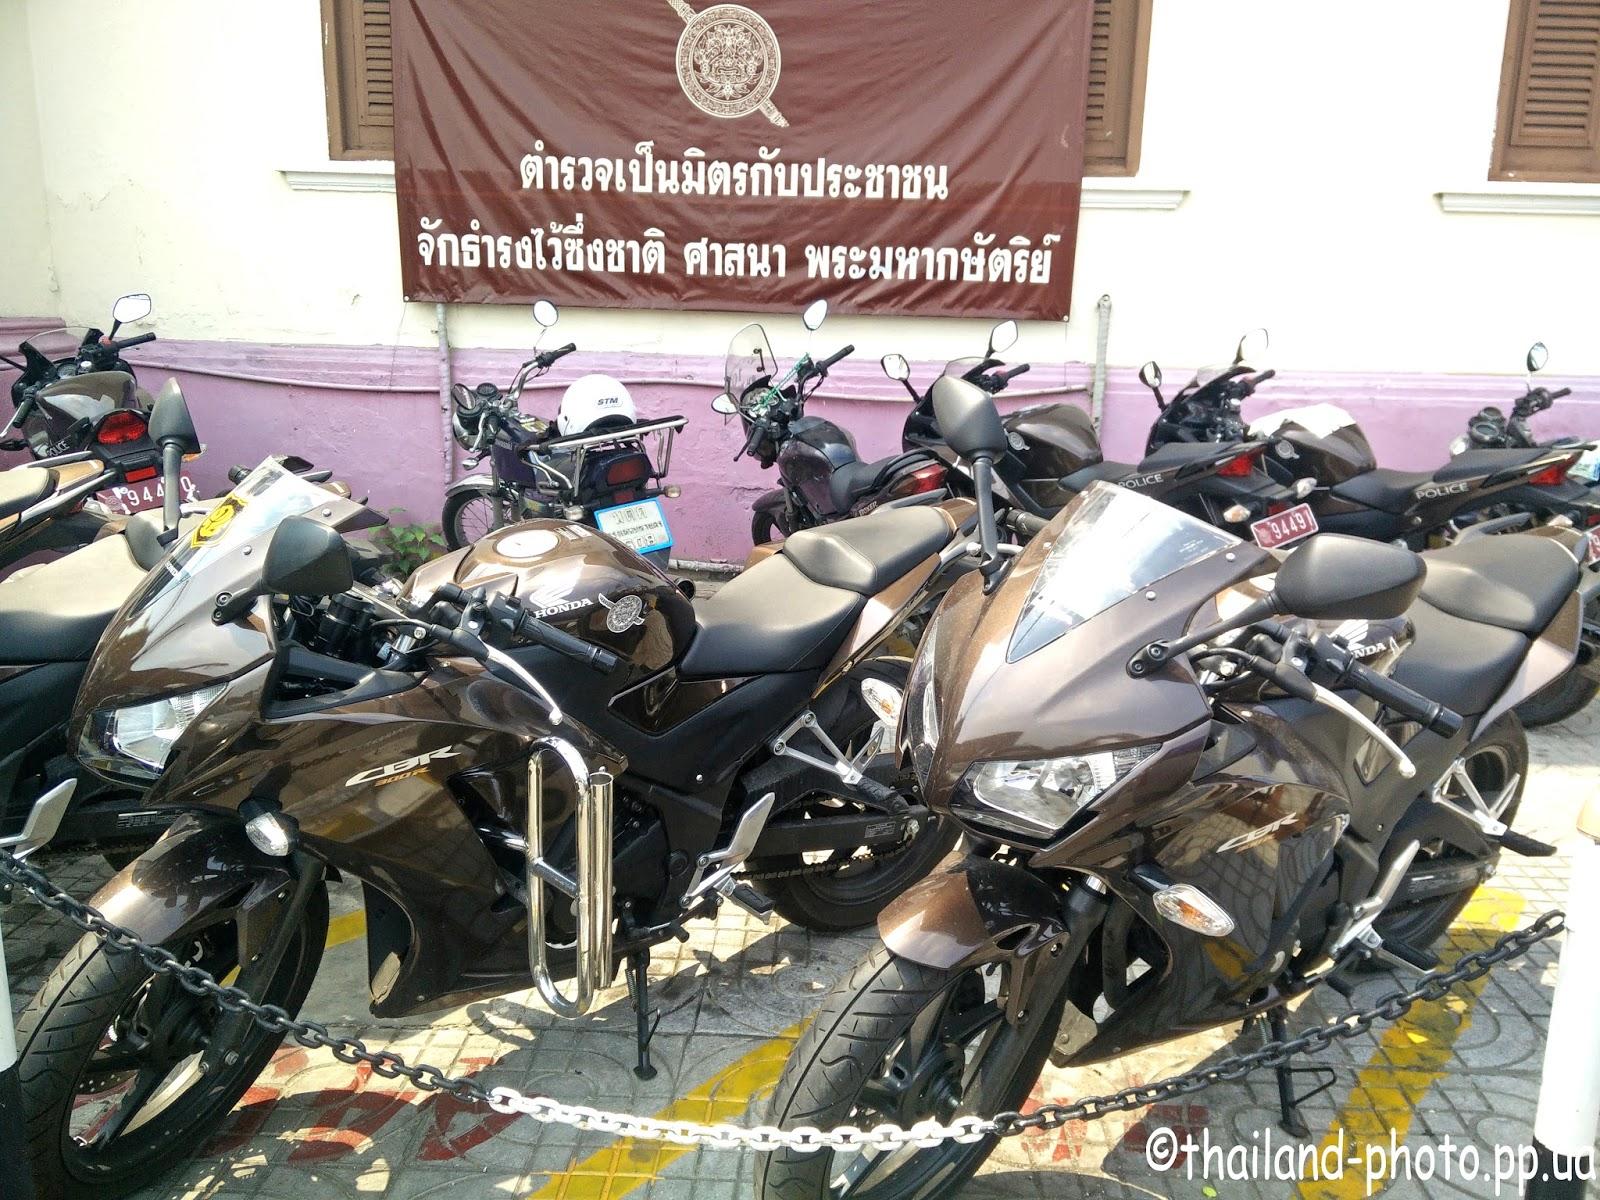 Полицейские байки Бангкока